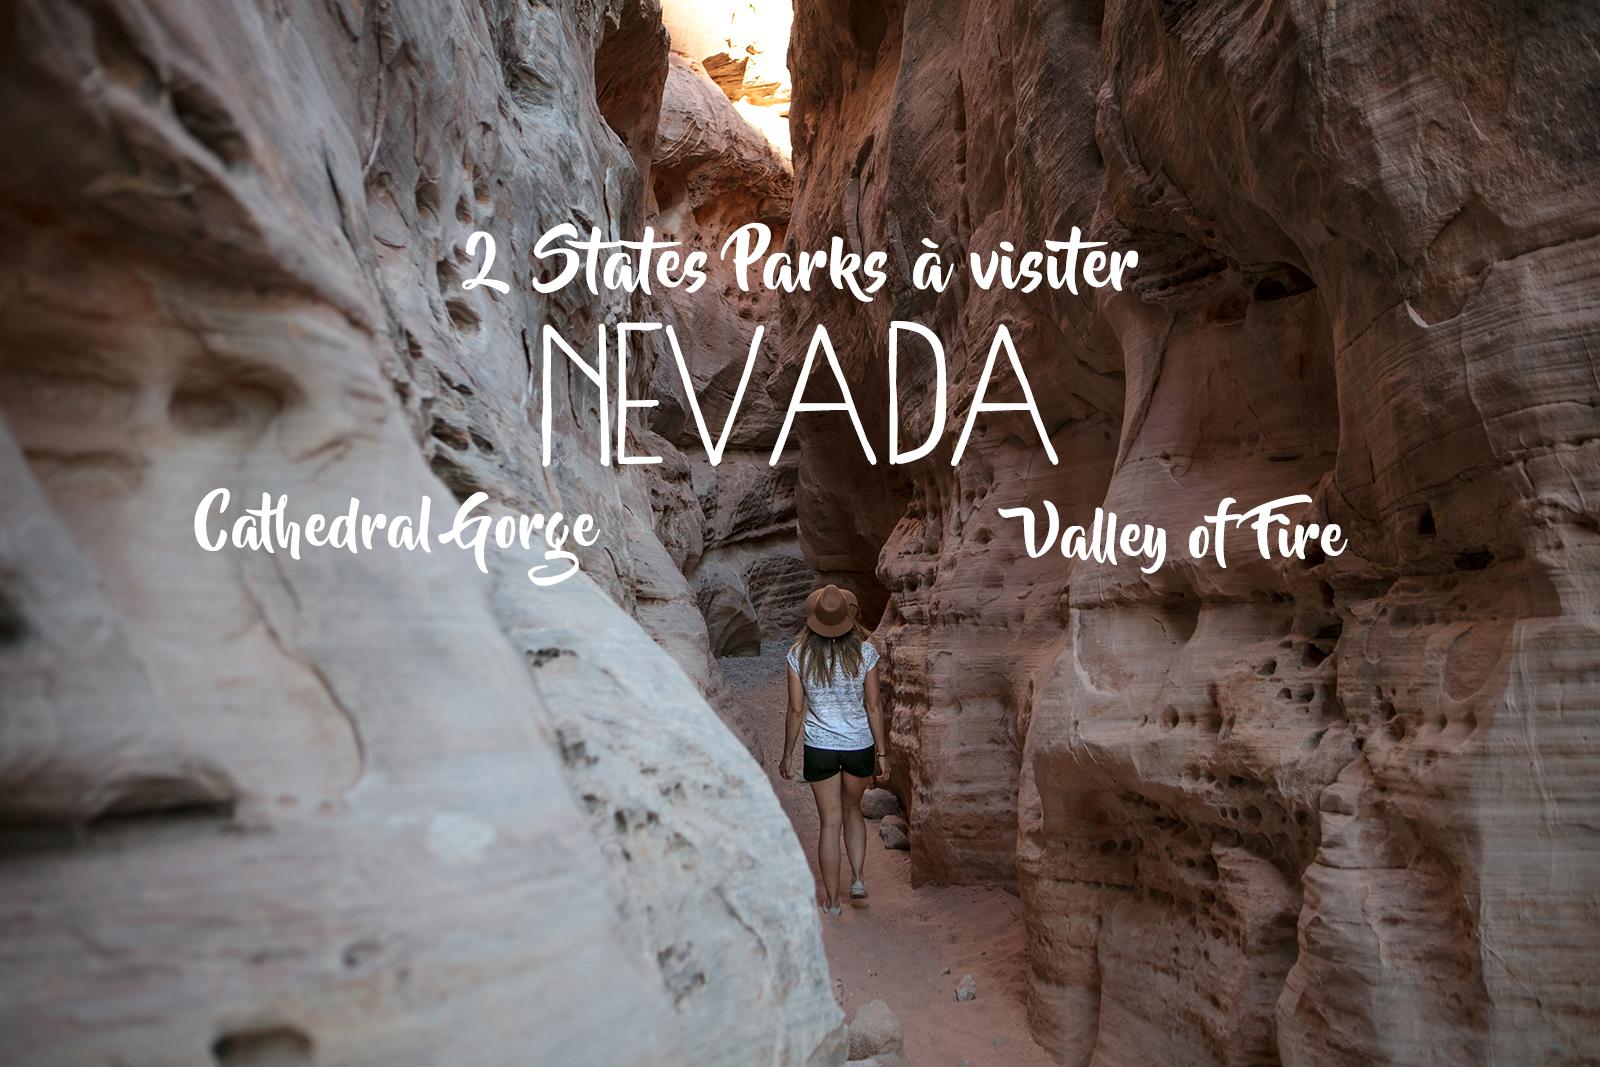 Récit de voyage dans le Nevada aux Etats-Unis, les state parks incontournables